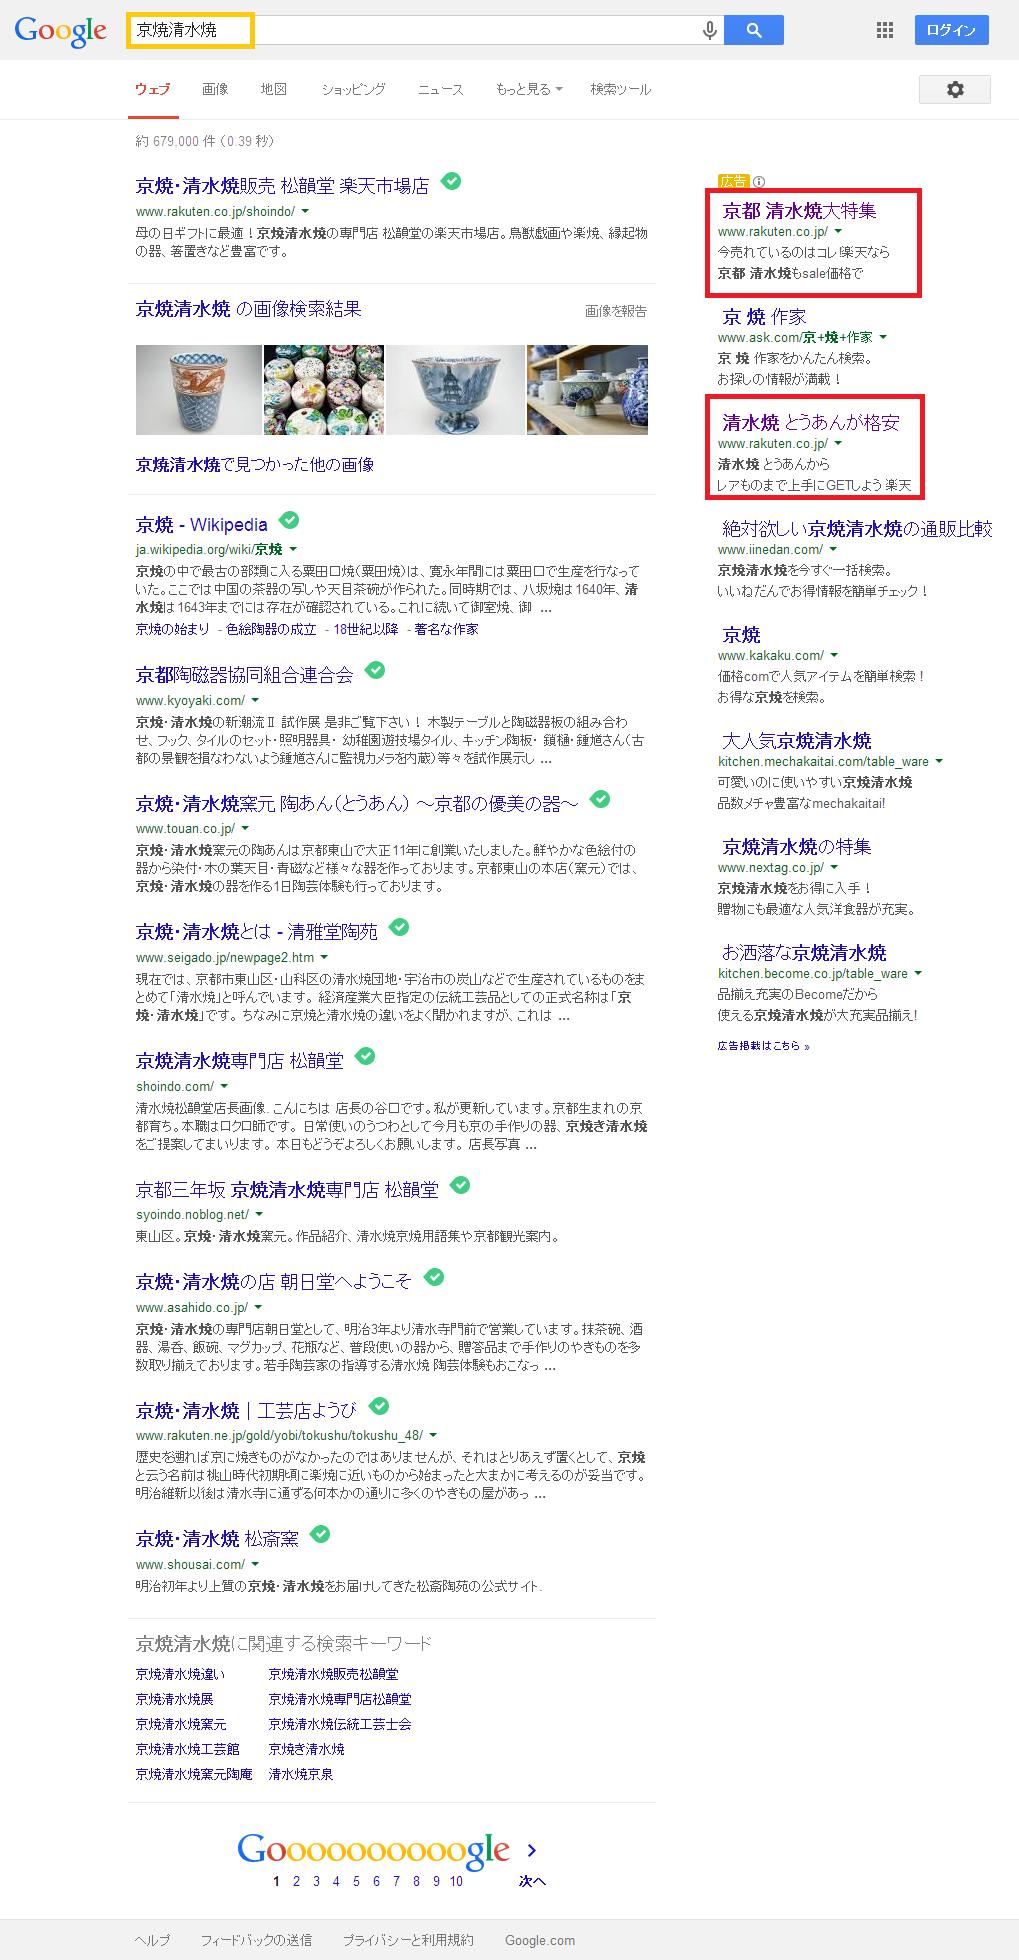 京焼清水焼   Google 検索1.png